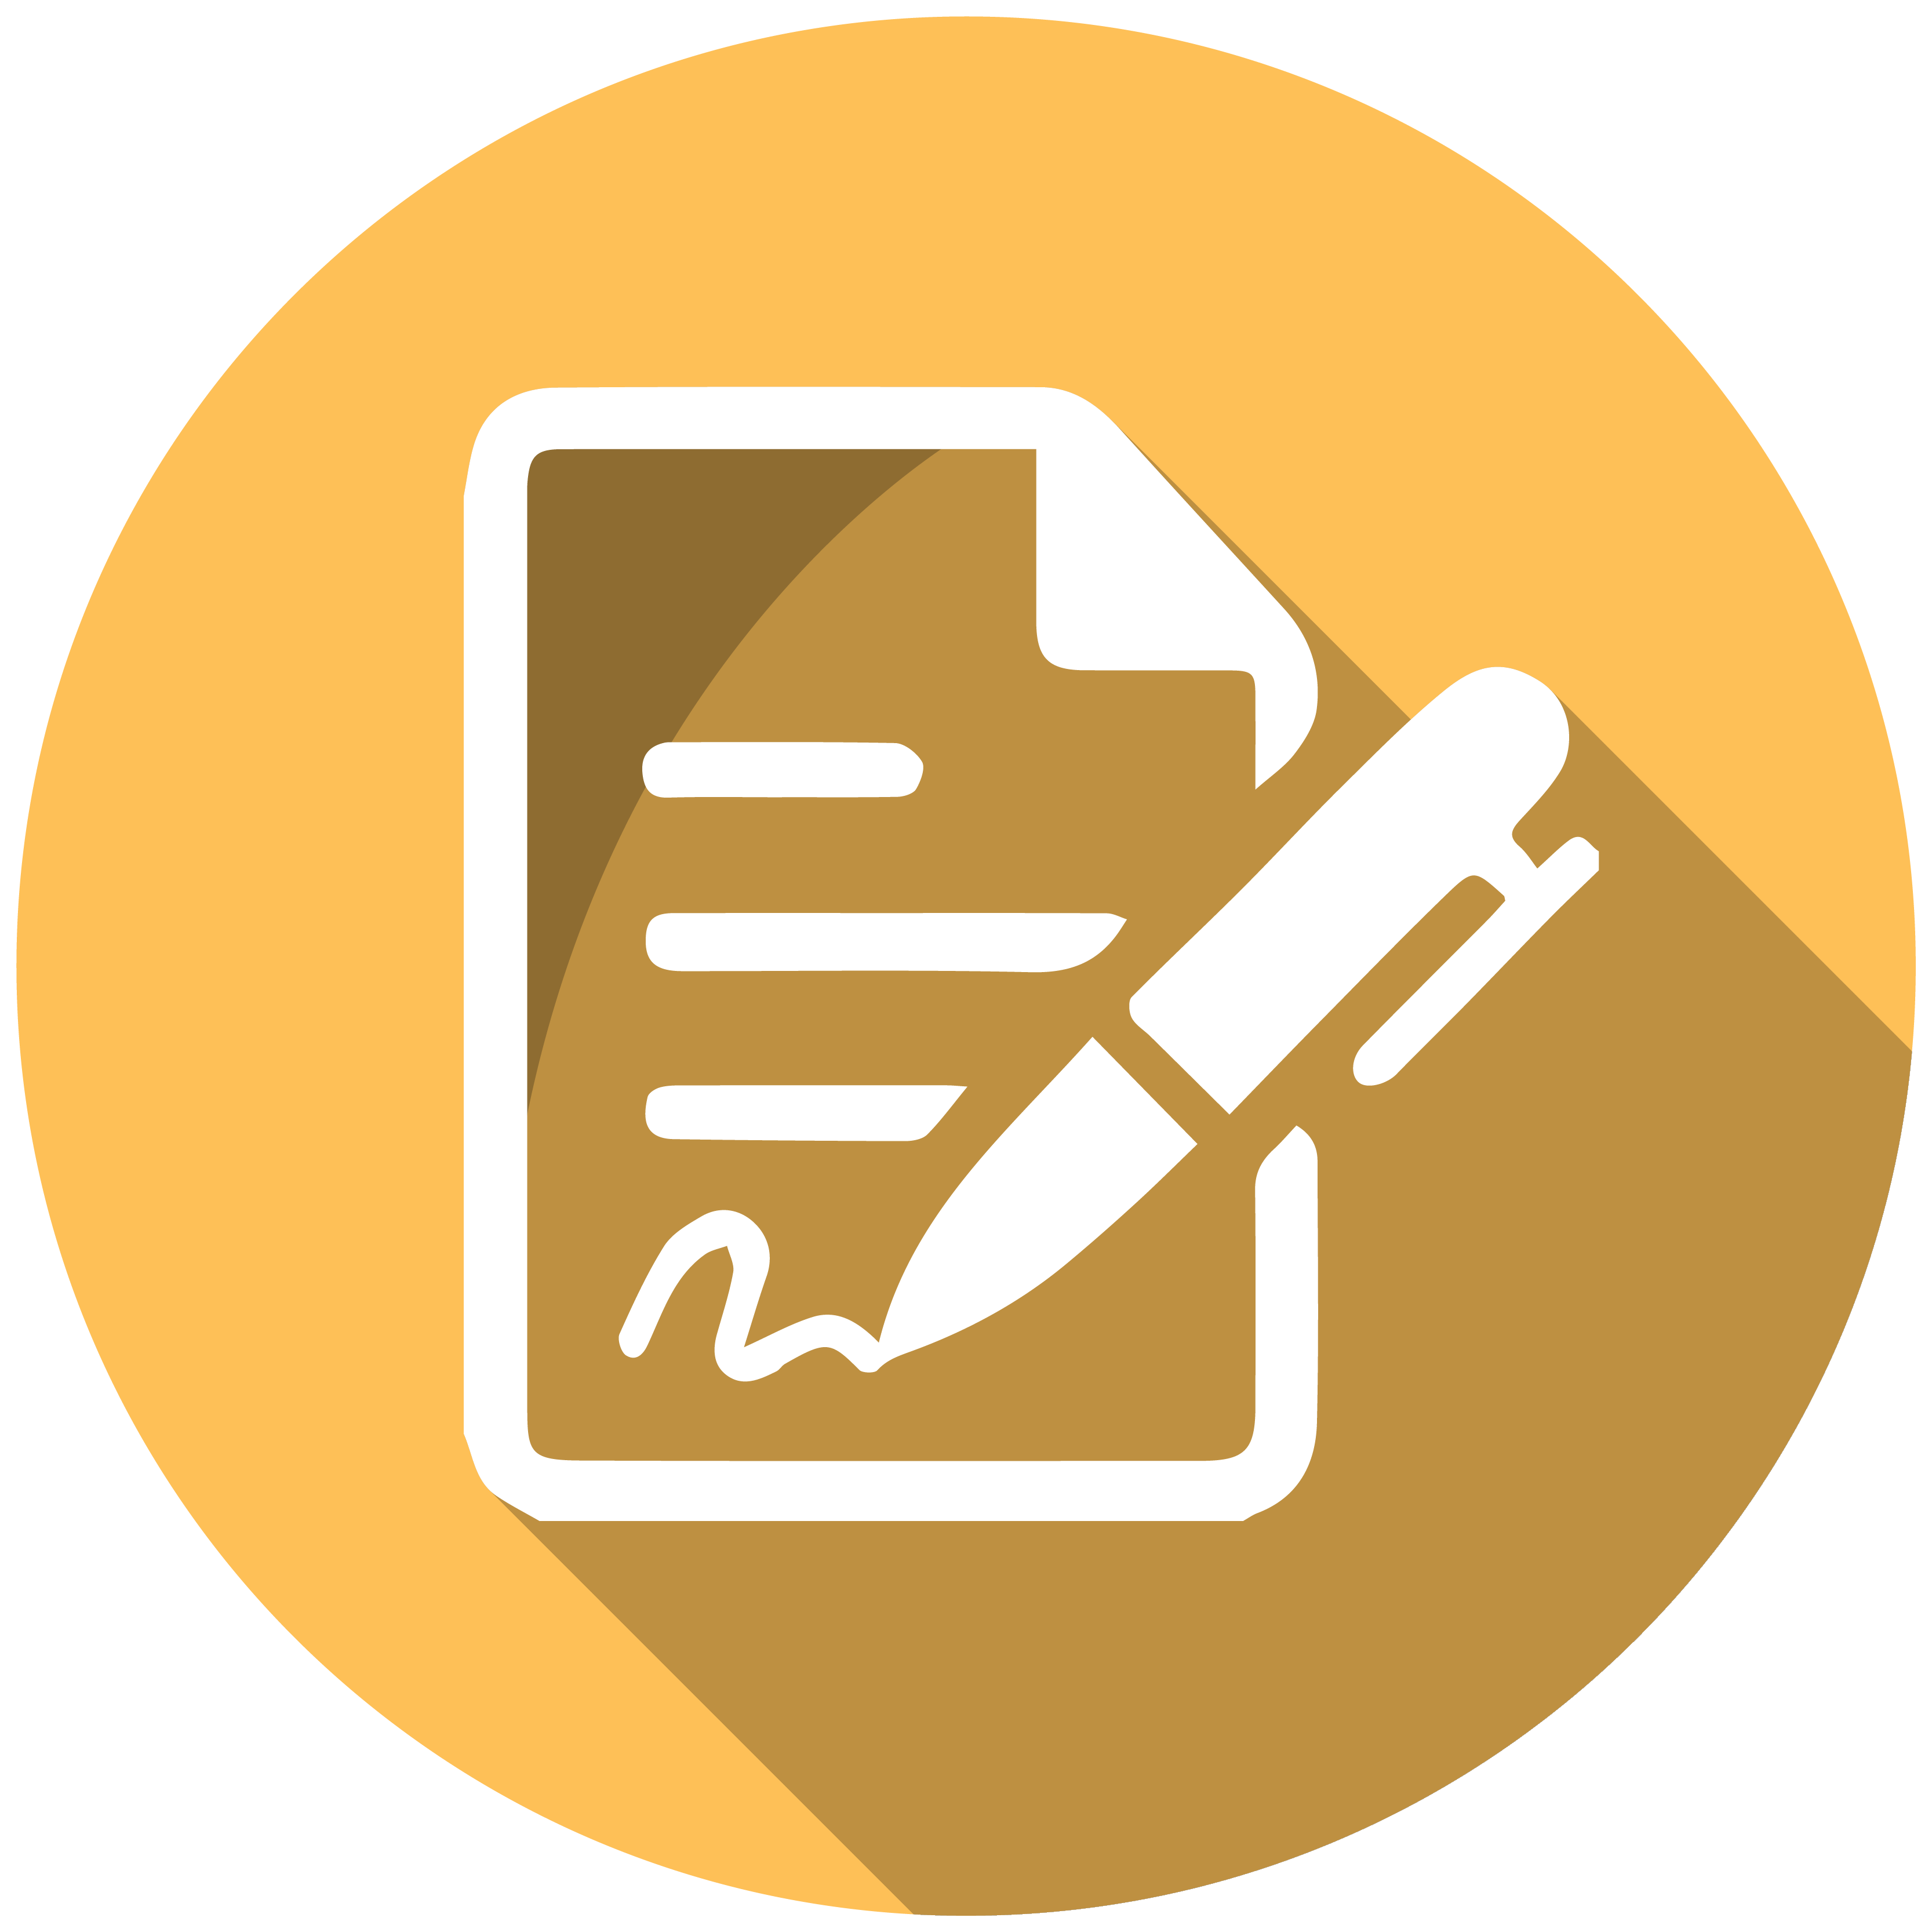 دانلود فایل کامل مقاله شرکت های سهامی و نقش اقتصادی آنها